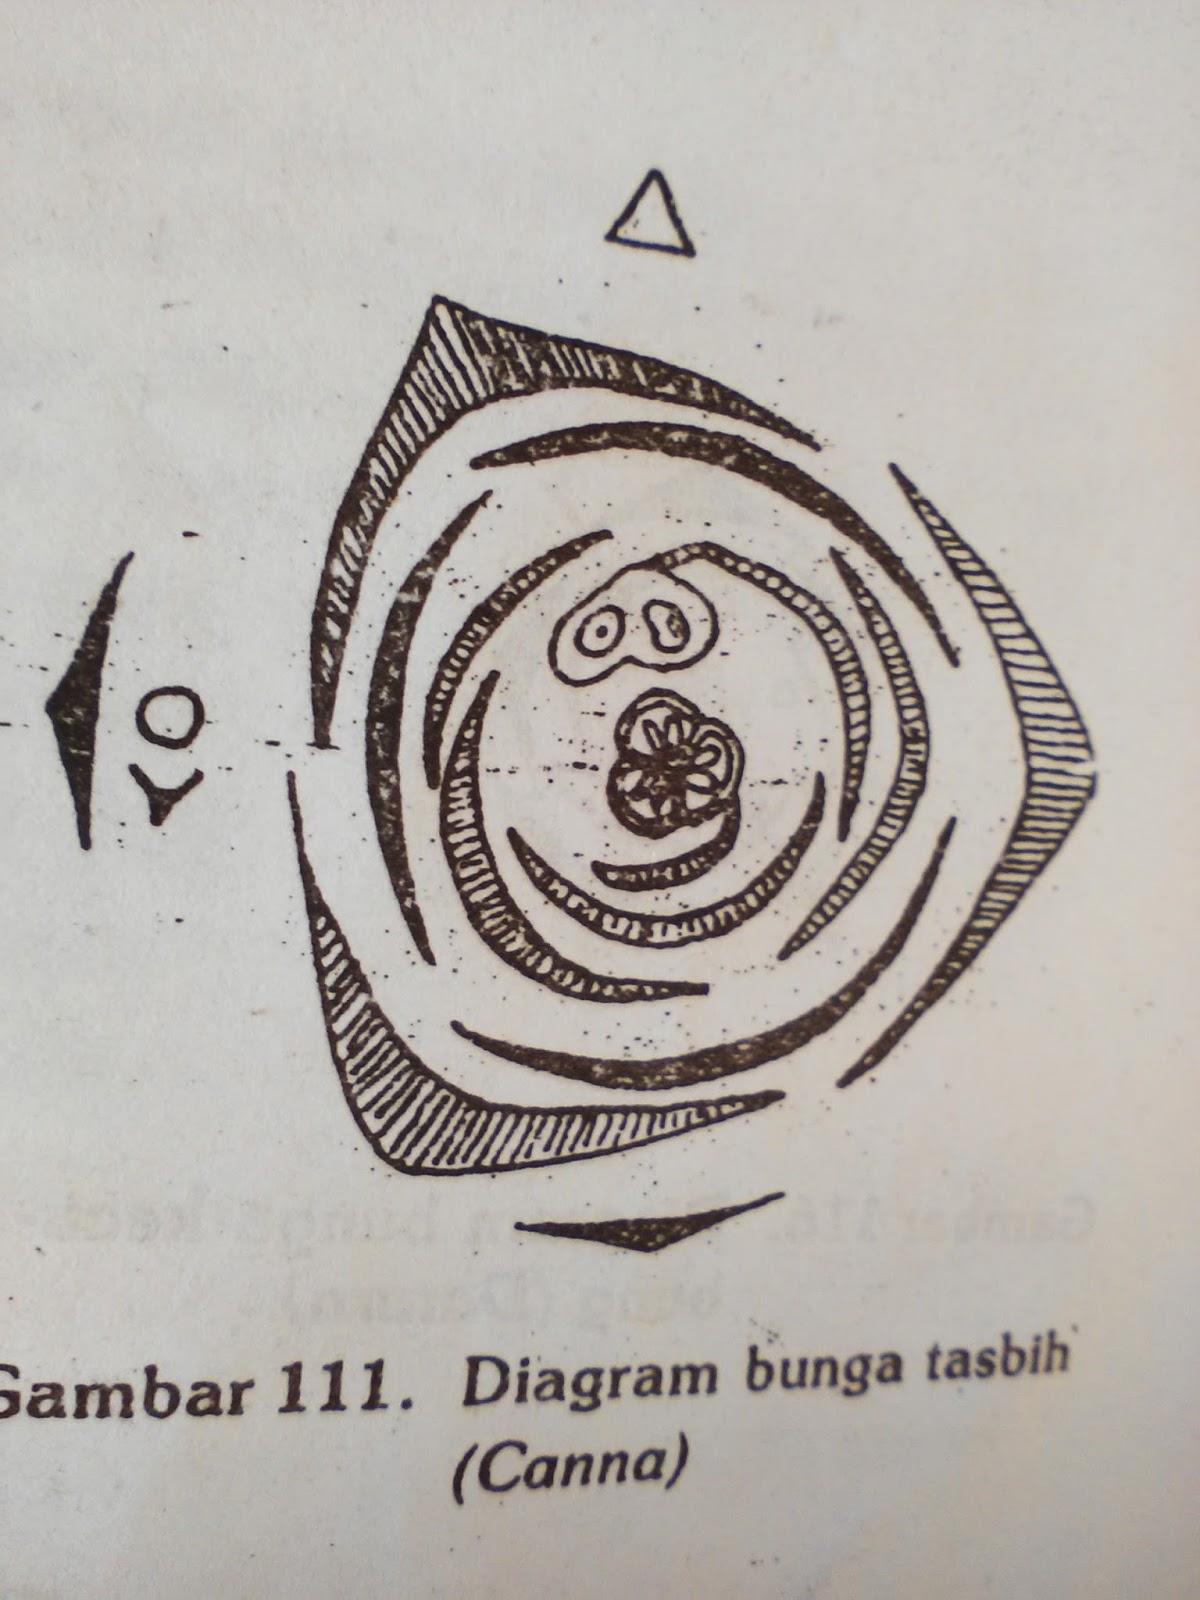 Morfologi tumbuhan suku cannaceae misalnya bunga tasbih canna indica ccuart Images